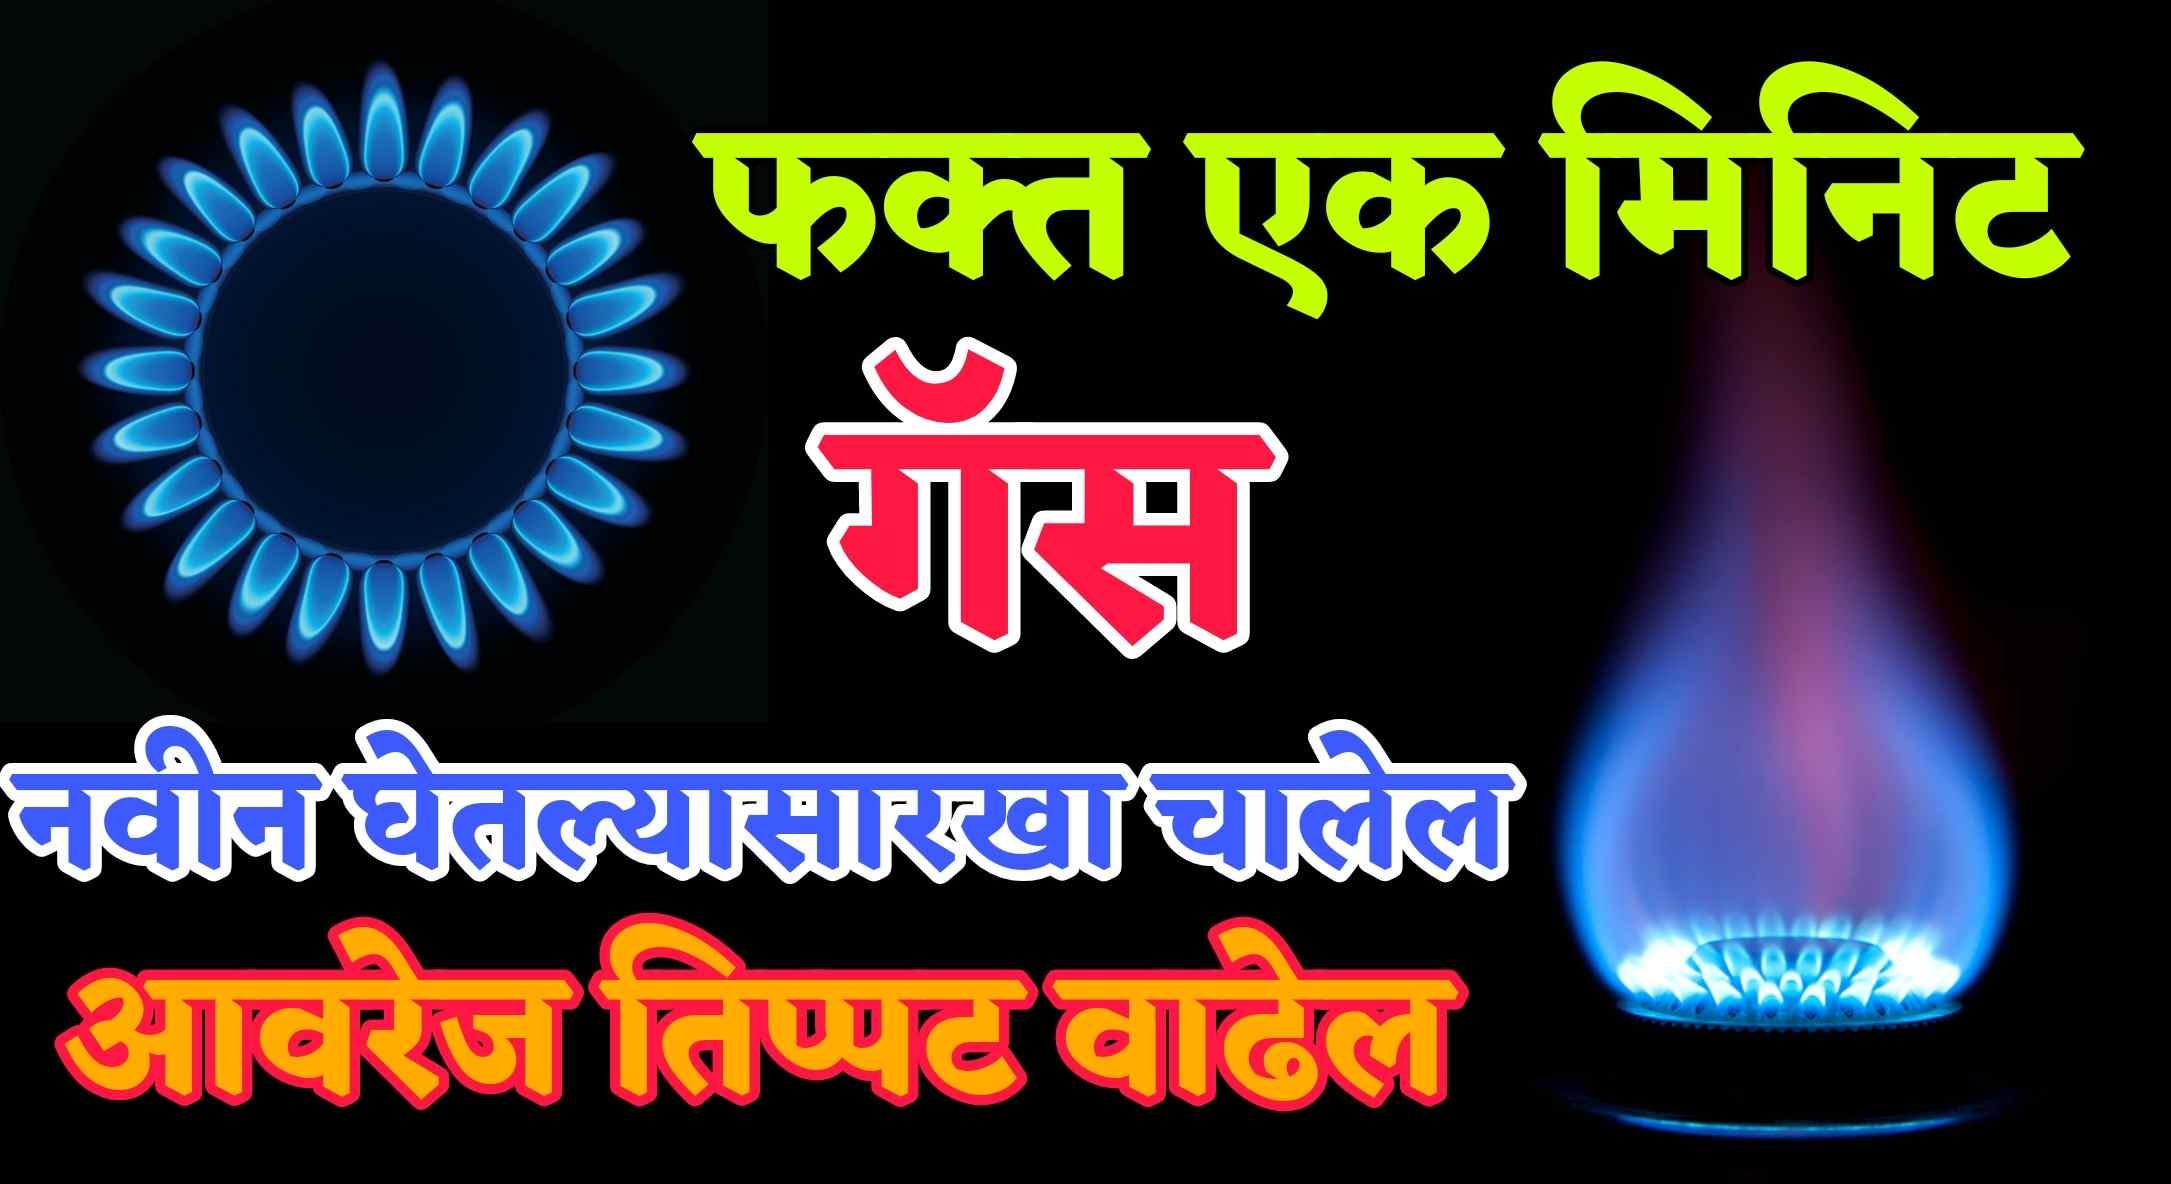 फक्त १ मिनिटात गॅस बर्नर करा स्वच्छ; एव्हरेज तिप्पट वाढेल, जबरदस्त आणि सोपी पद्धत नेहमी वापरा.!